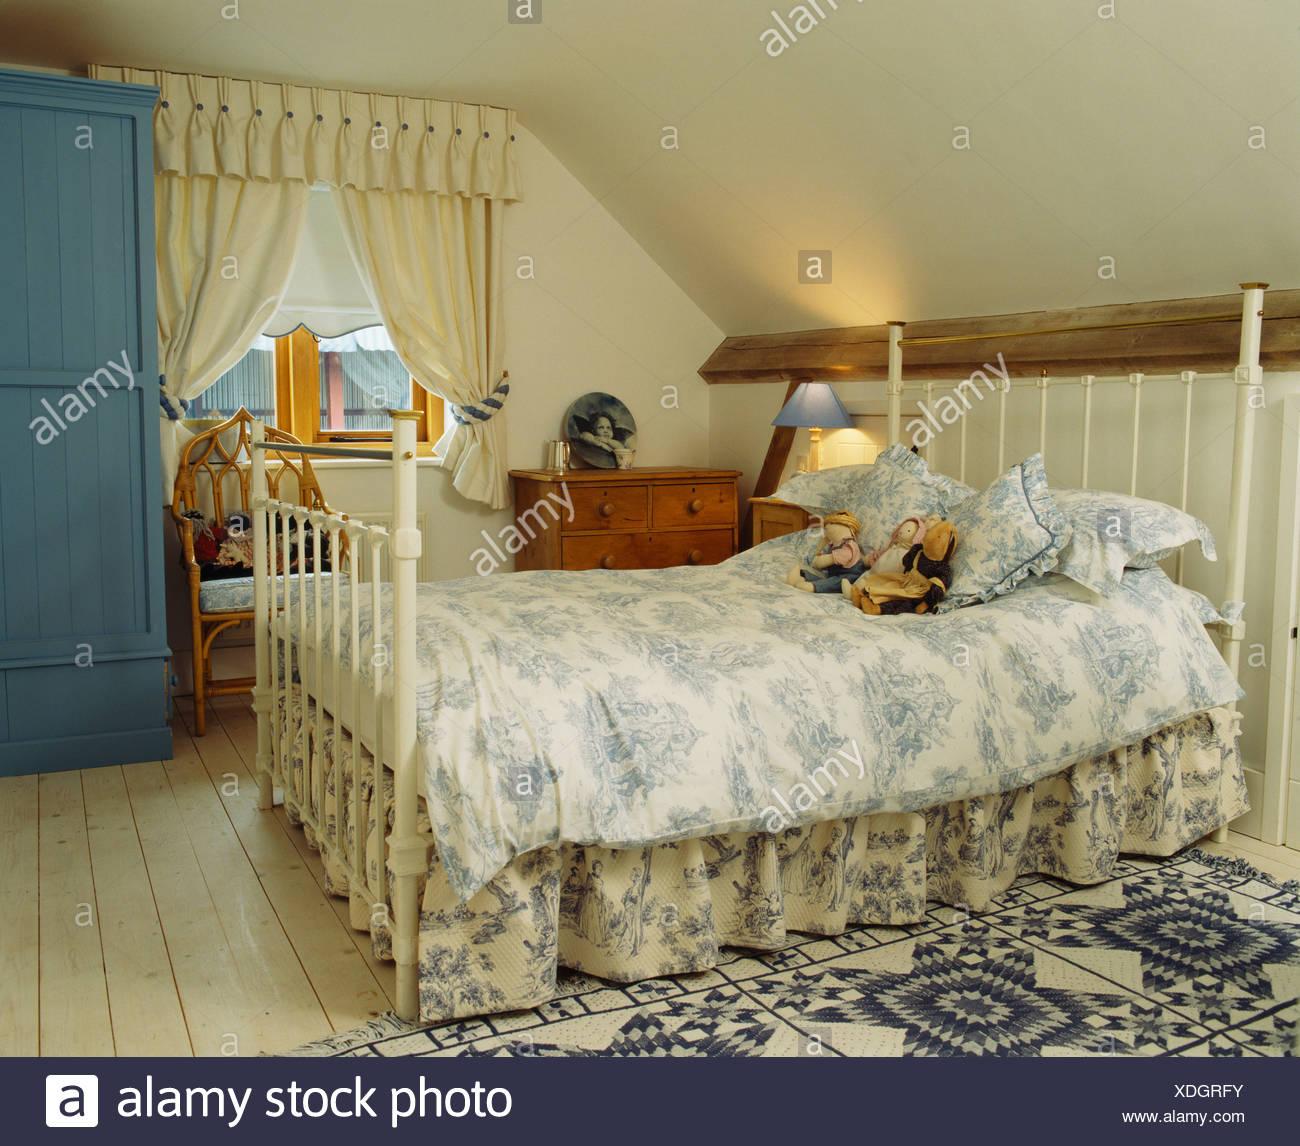 Blue+white Toile de Jouy piumone e mantovana su bianco ferro battuto ...